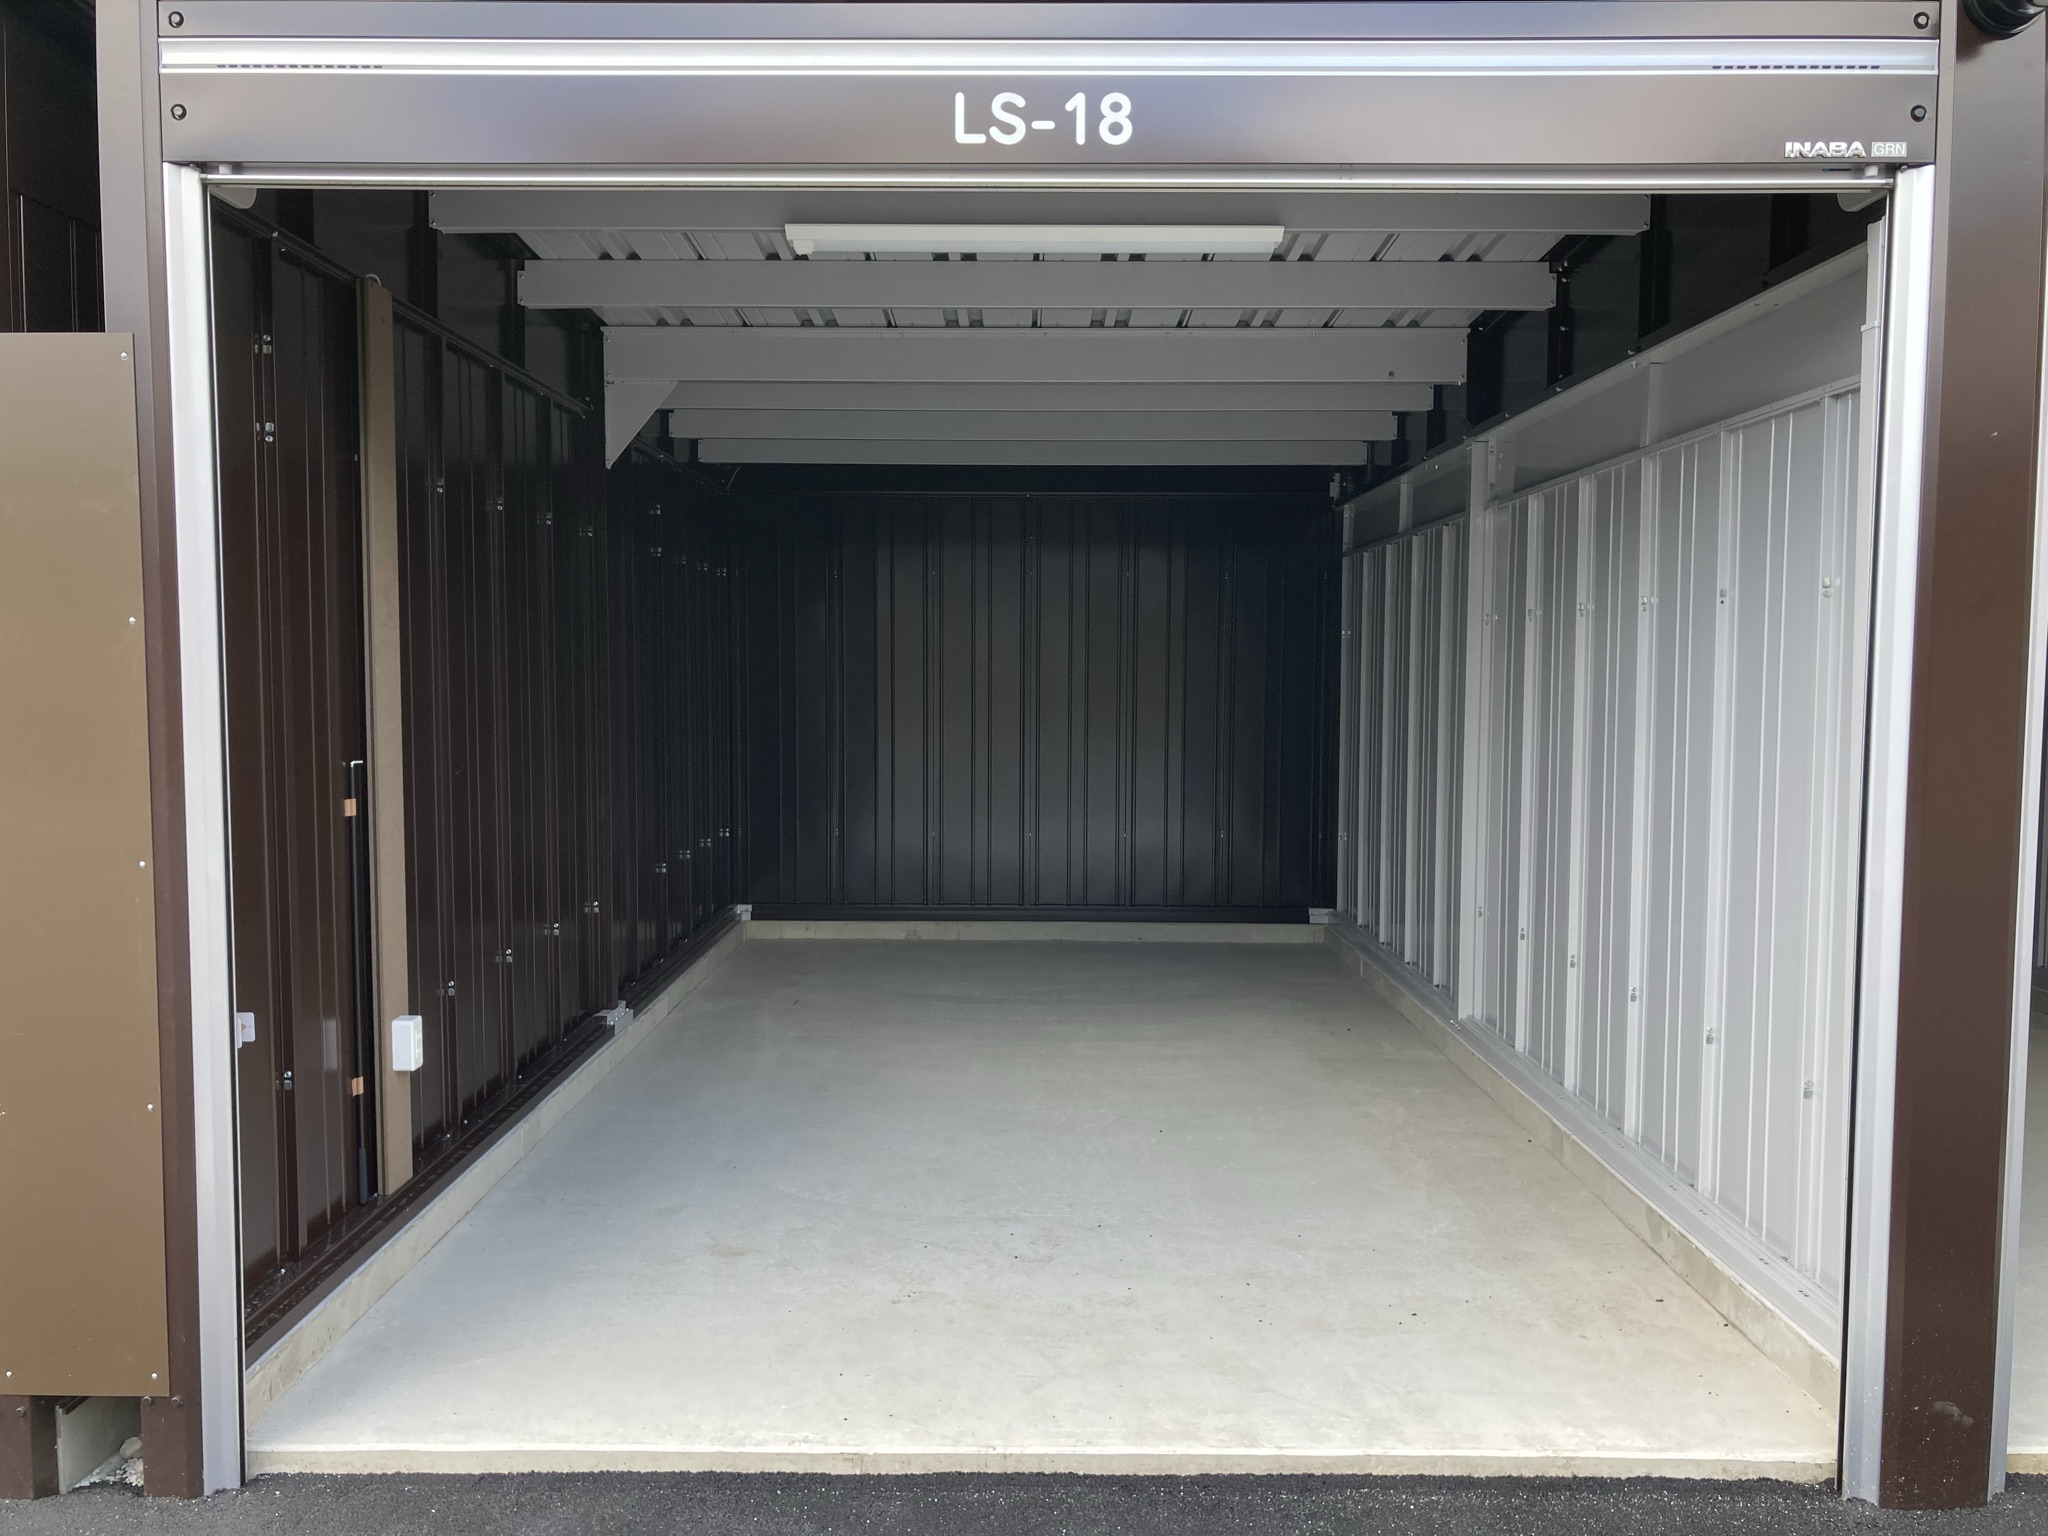 【6月10日新規OPEN】南花畑浮花橋店 LS